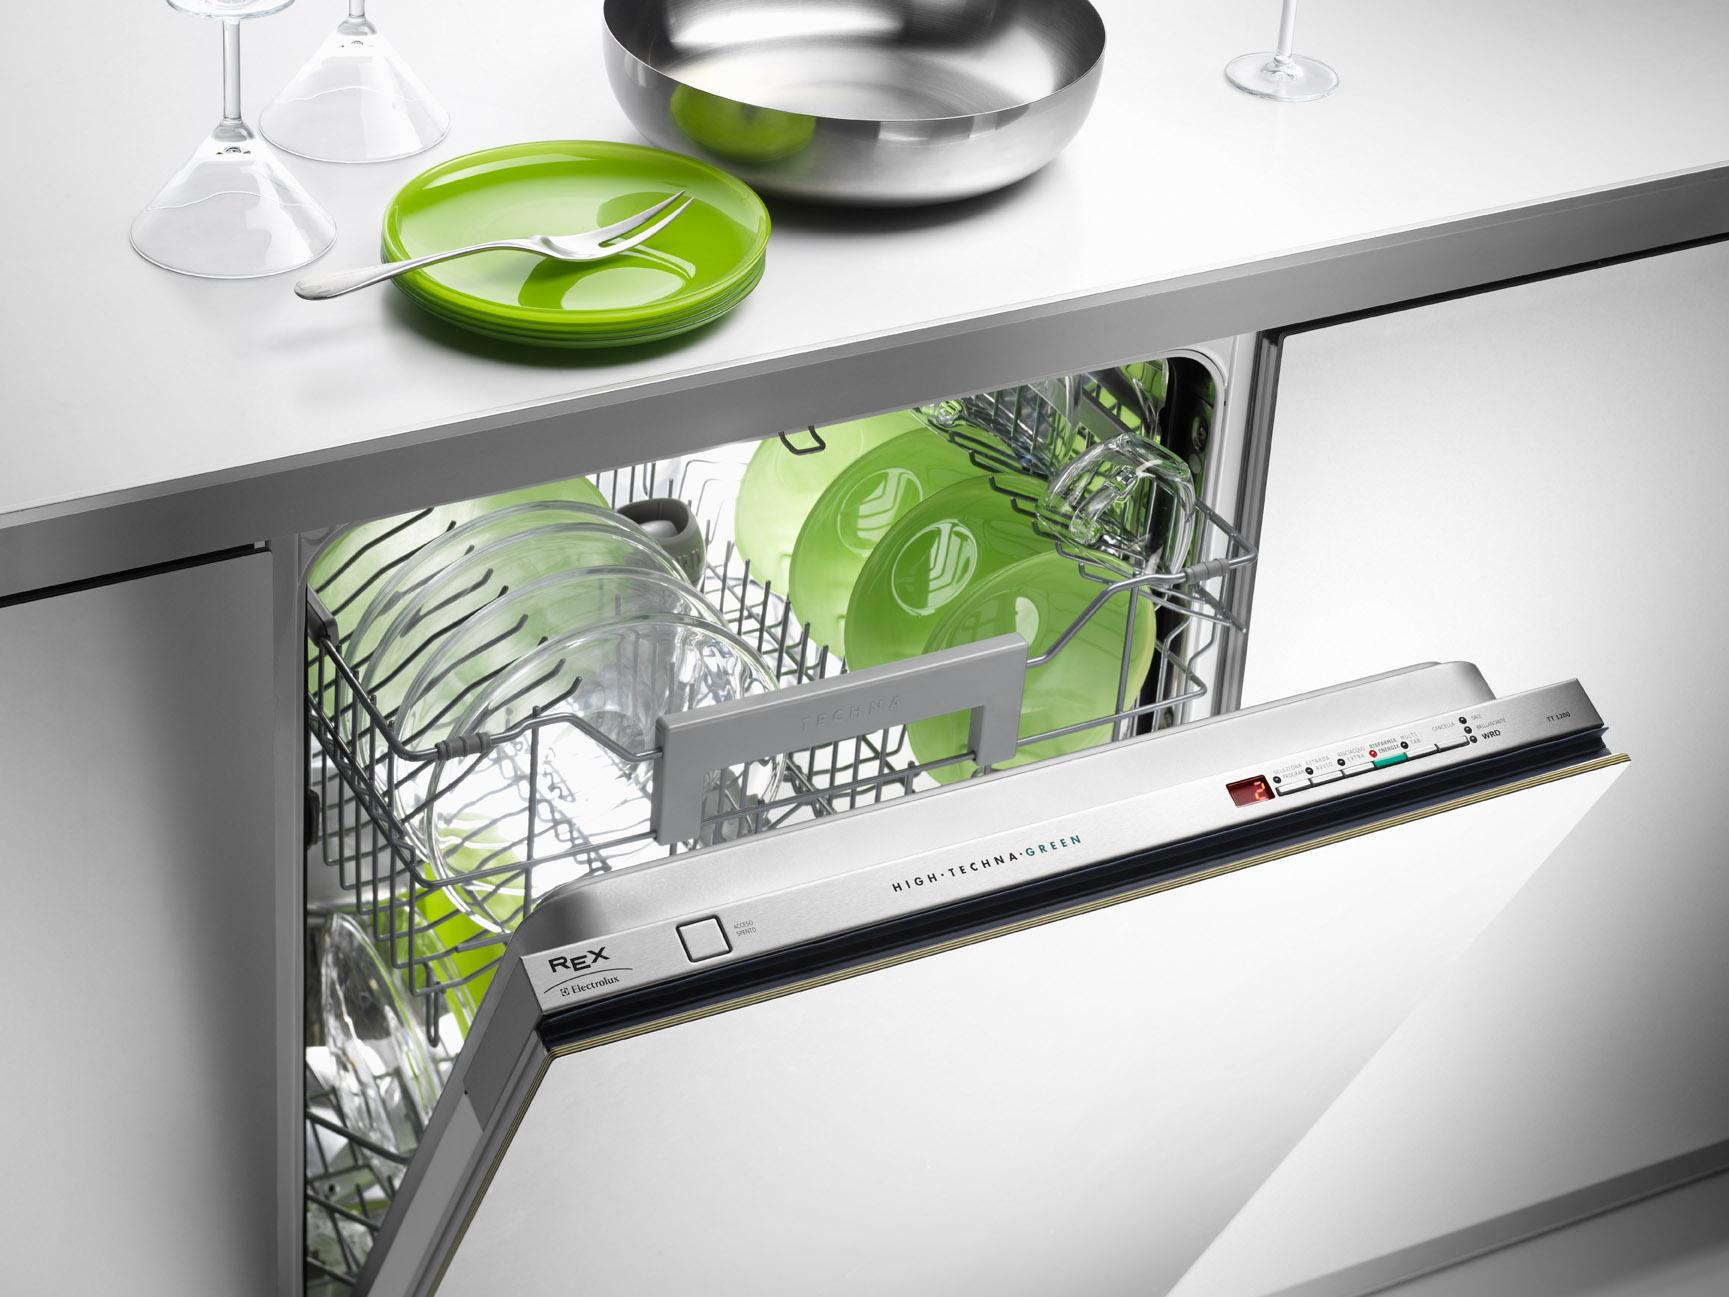 hot sale online 9464f 93232 Mini lavastoviglie: ecco le 10 migliori per dimensione e ...